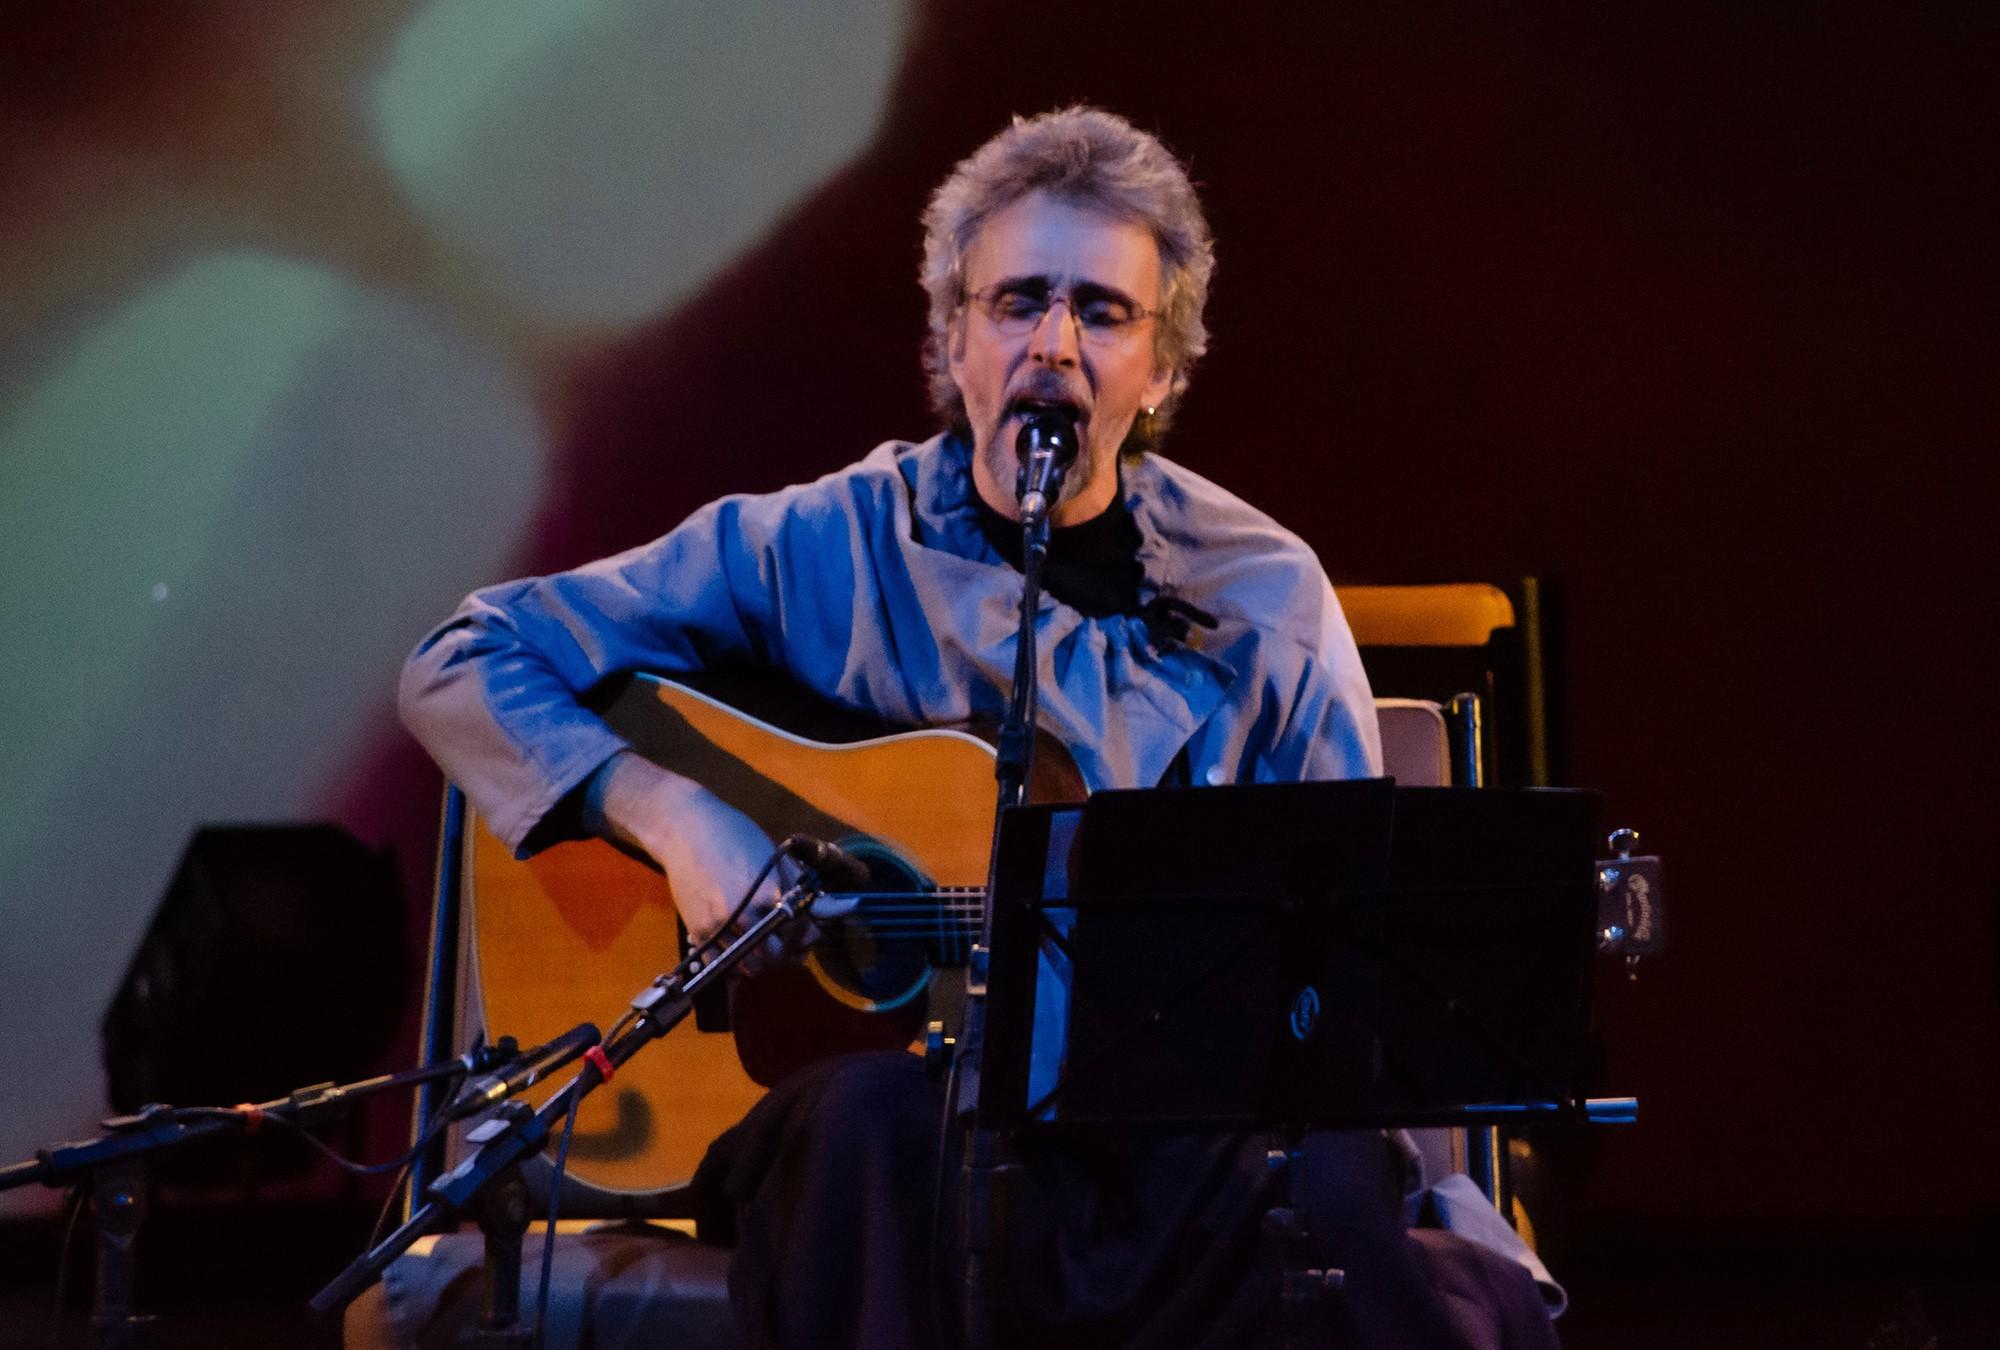 Vitor Ramil pavimenta 'Avenida Angélica' com gravação ao vivo de álbum de voz e violão